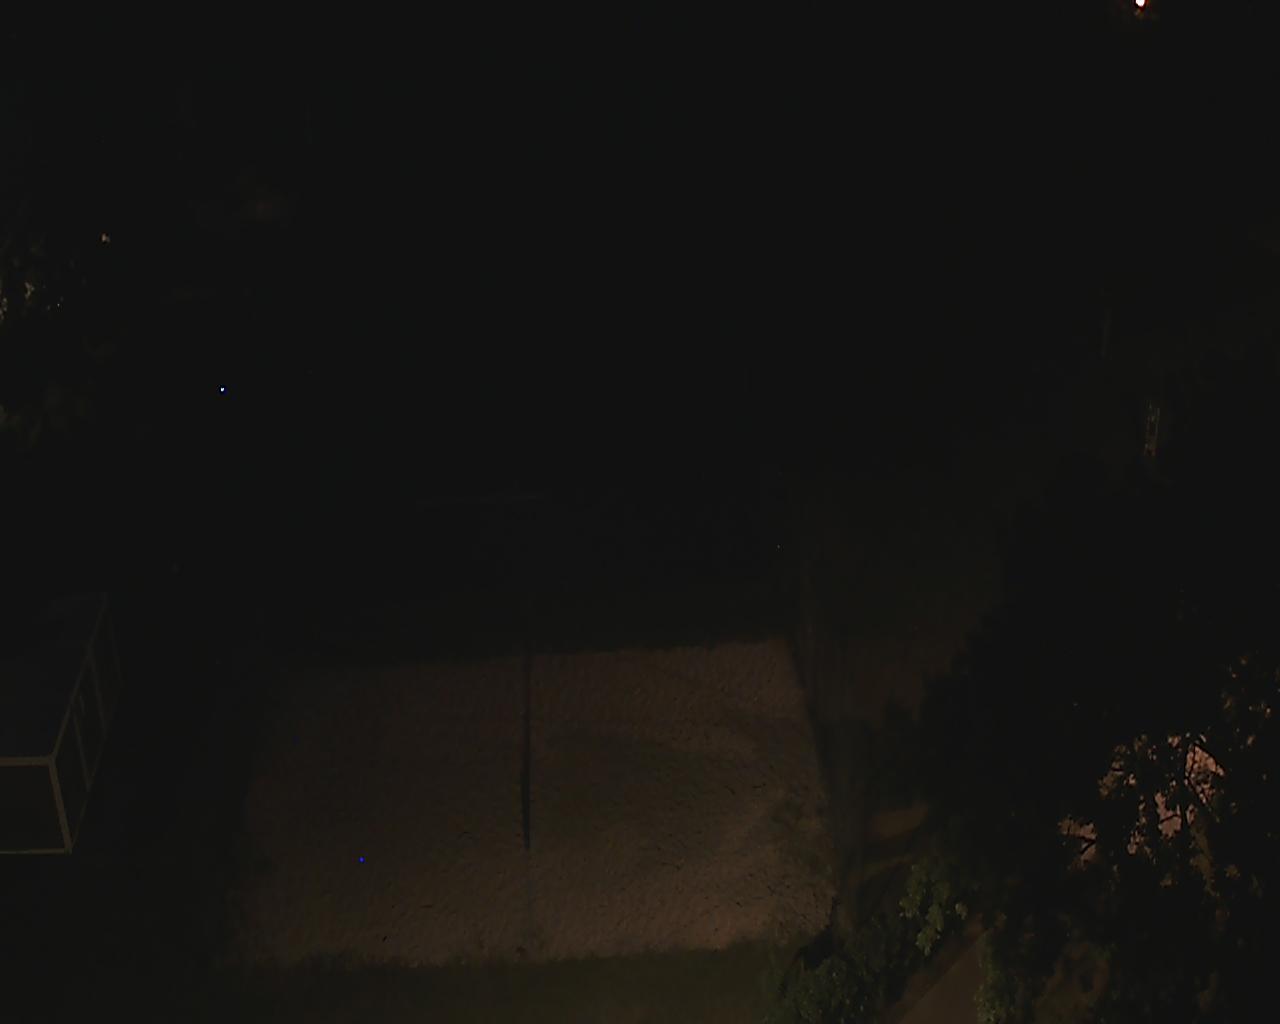 Webcam in Warsaw